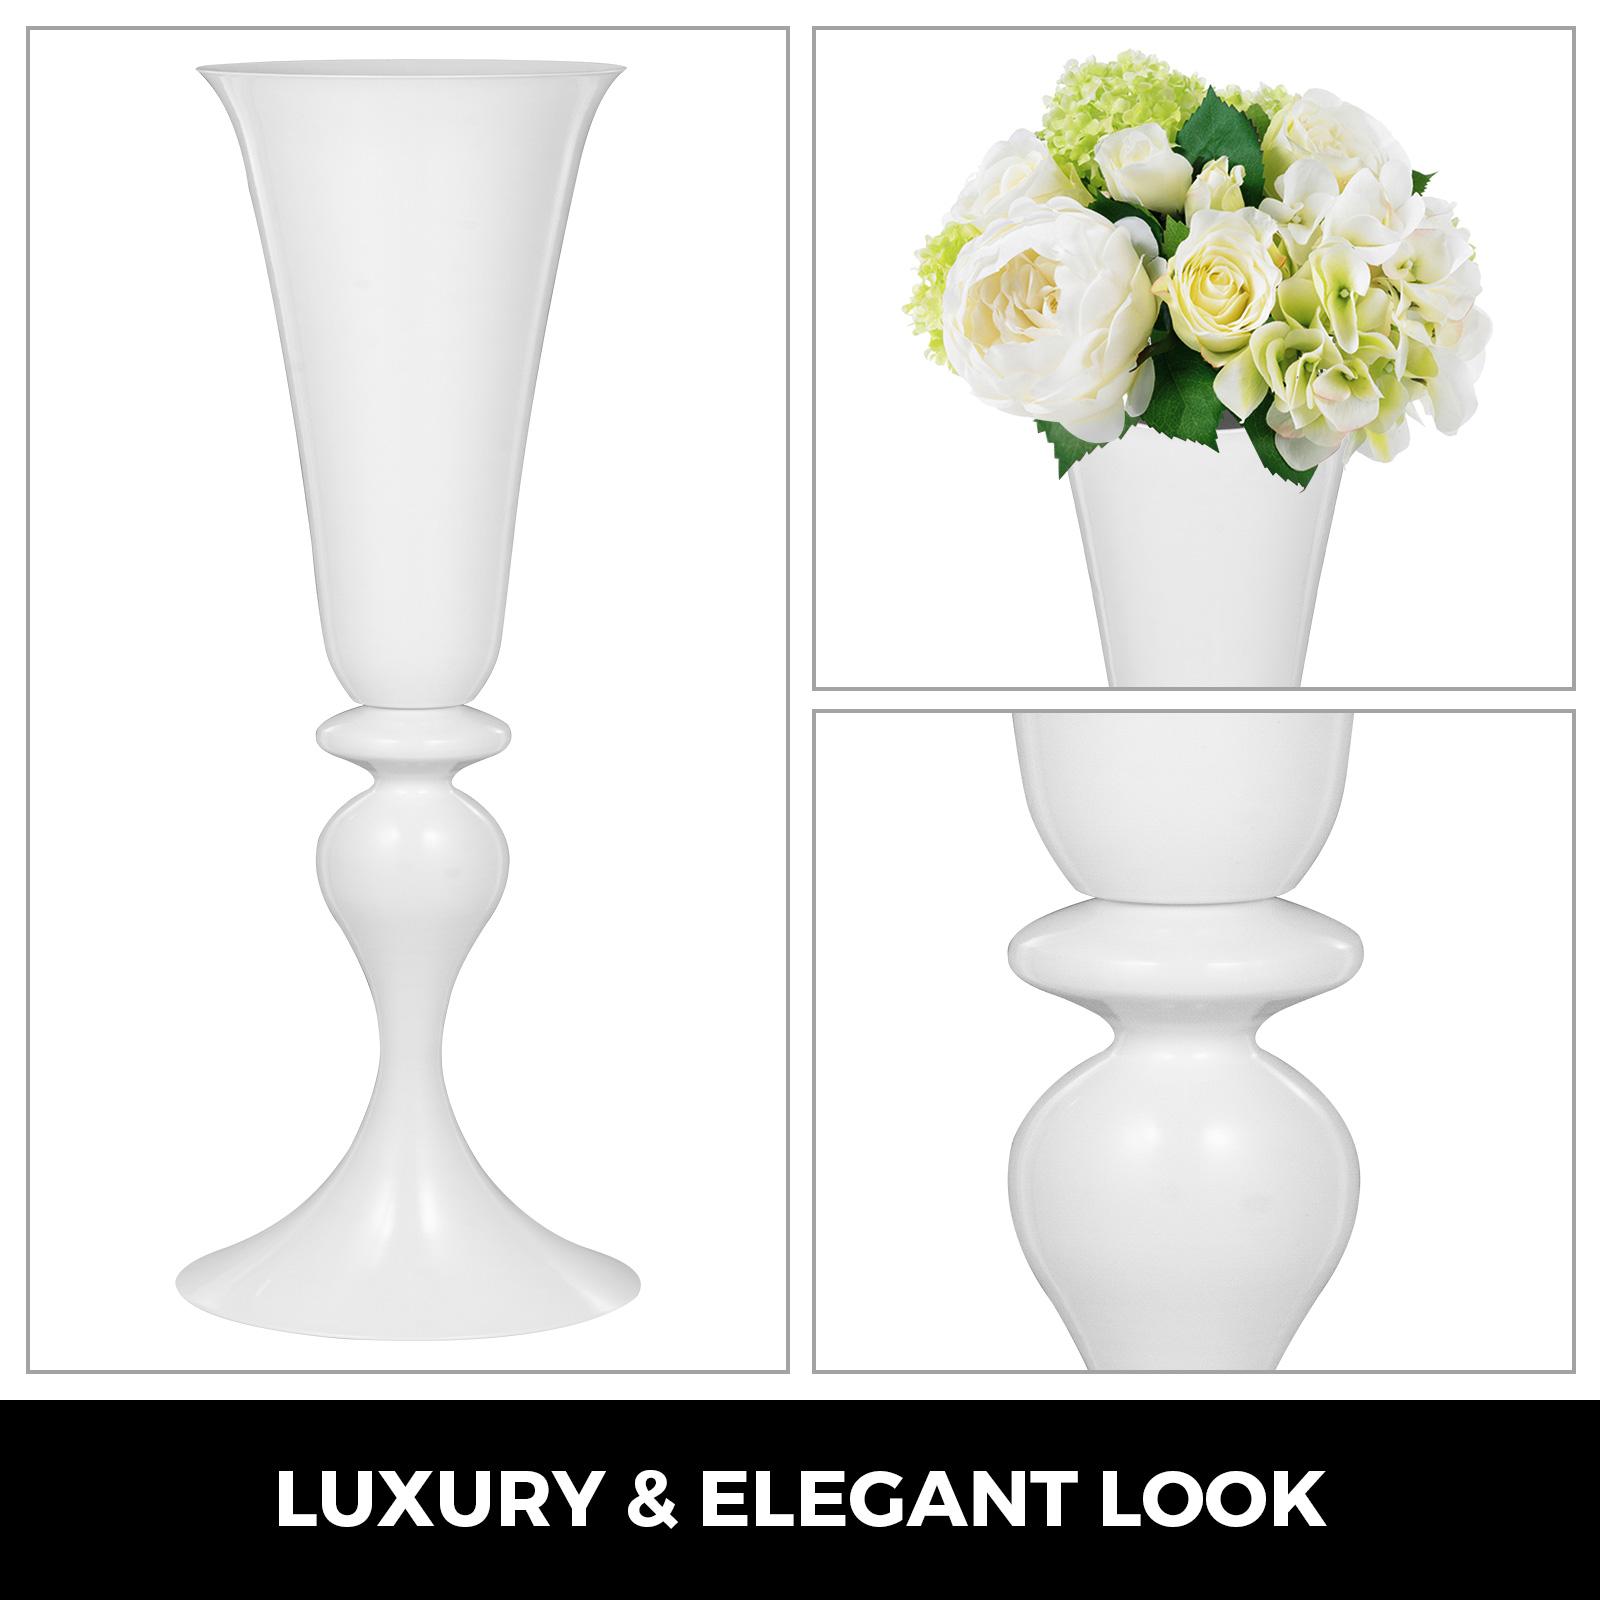 Trumpet-Vase-Flower-Vases-Centerpiece-29-5-034-22-034-for-Party-Celebration-Events thumbnail 111